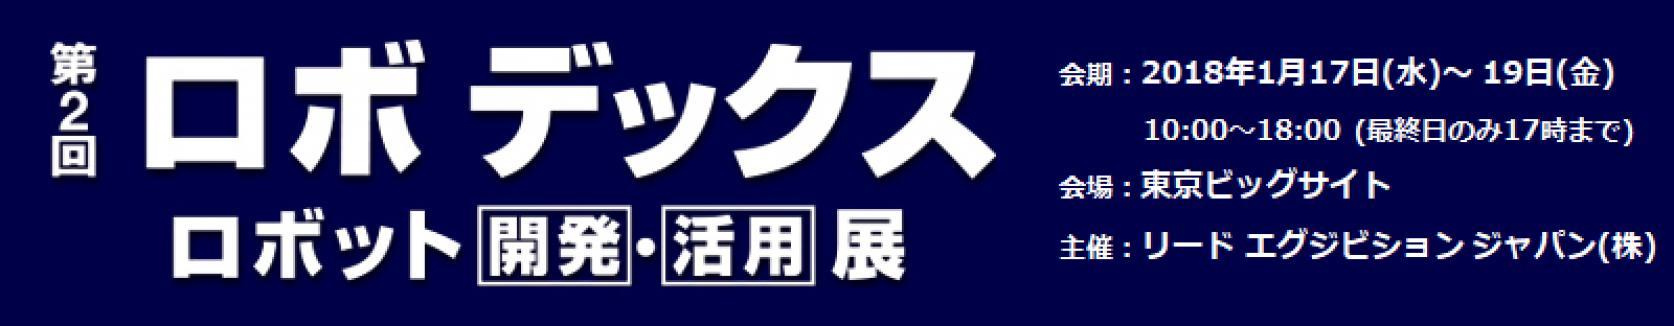 精密機械工学科の青木義男教授が第2回ロボ デックス(東京ビッグサイト)産学連携ロボットフォーラムで口頭発表を行います。